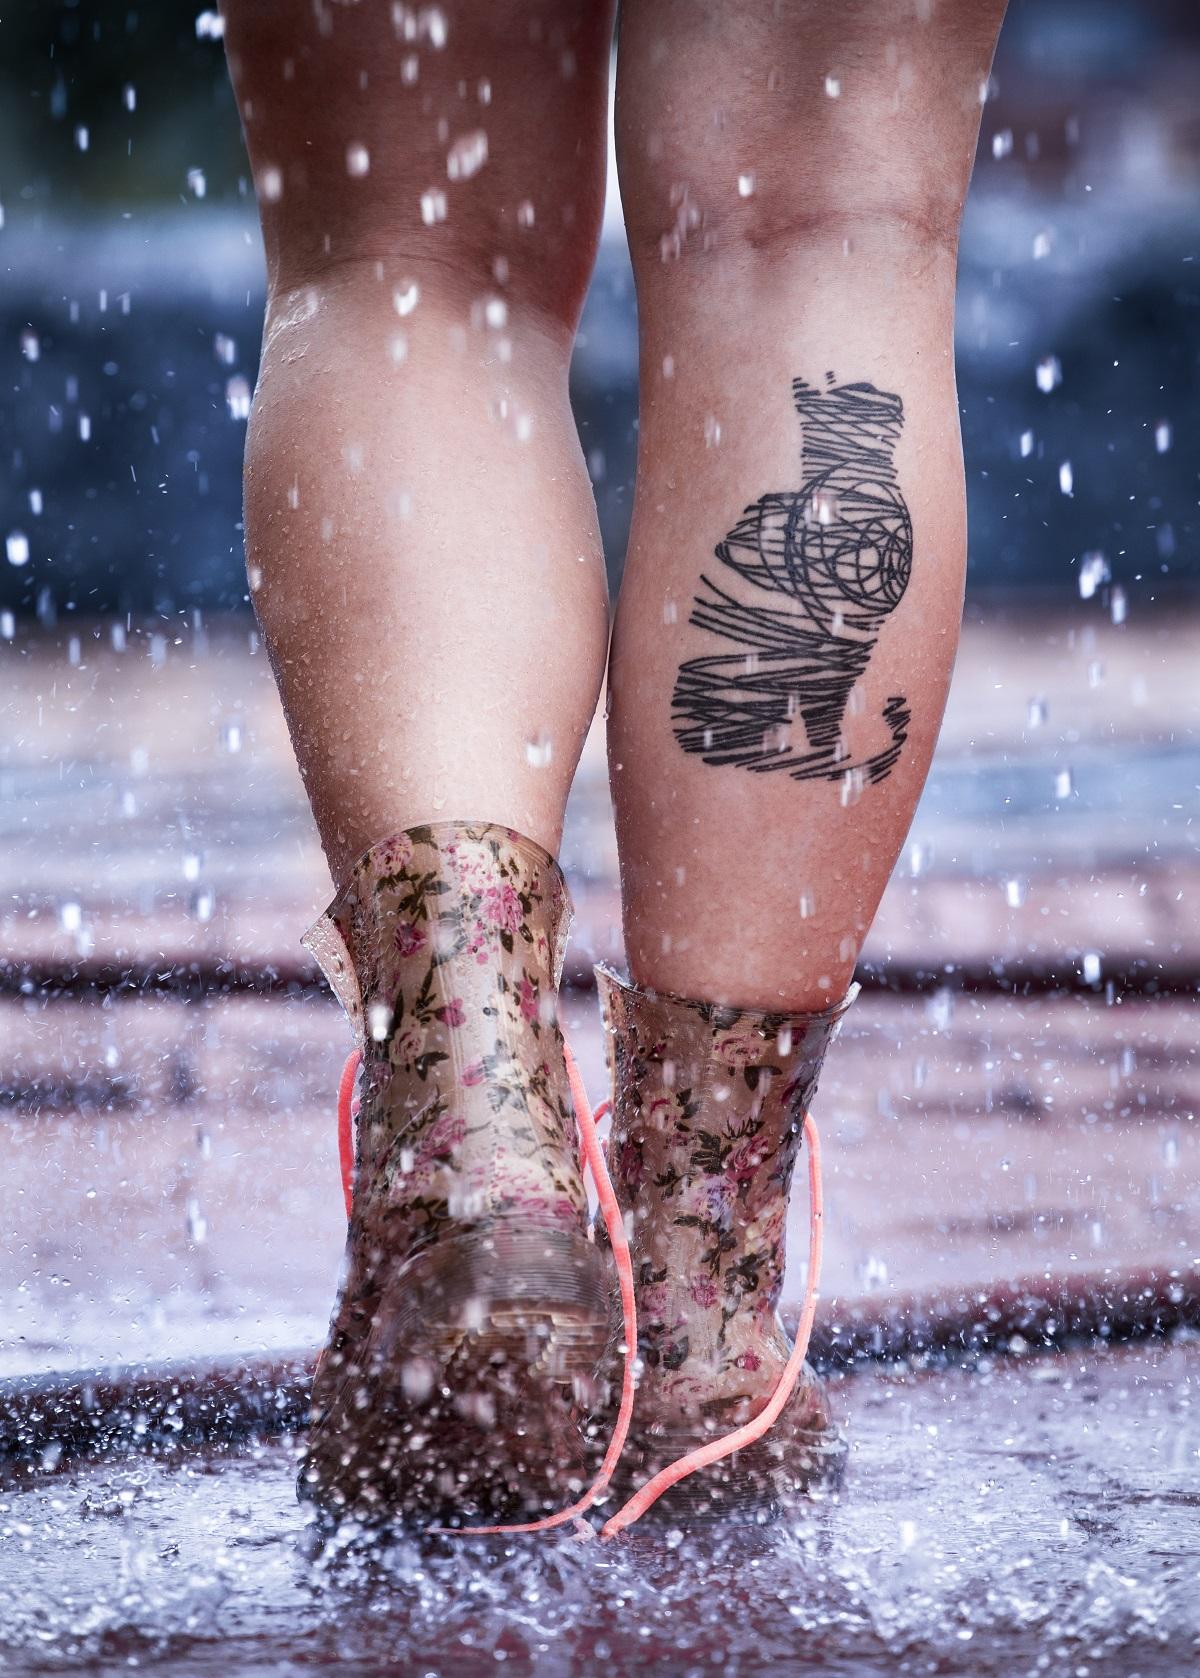 Photo couleur montrant une paire de jambes vue de derrière. La personne porte des bottines transparentes fleuries dont les lacets sont défaits et un chat est tatoué sur l'arrière de son mollet droit. Elle marche dans une flaque d'eau et des gouttes d'eau jaillissent autour d'elle.